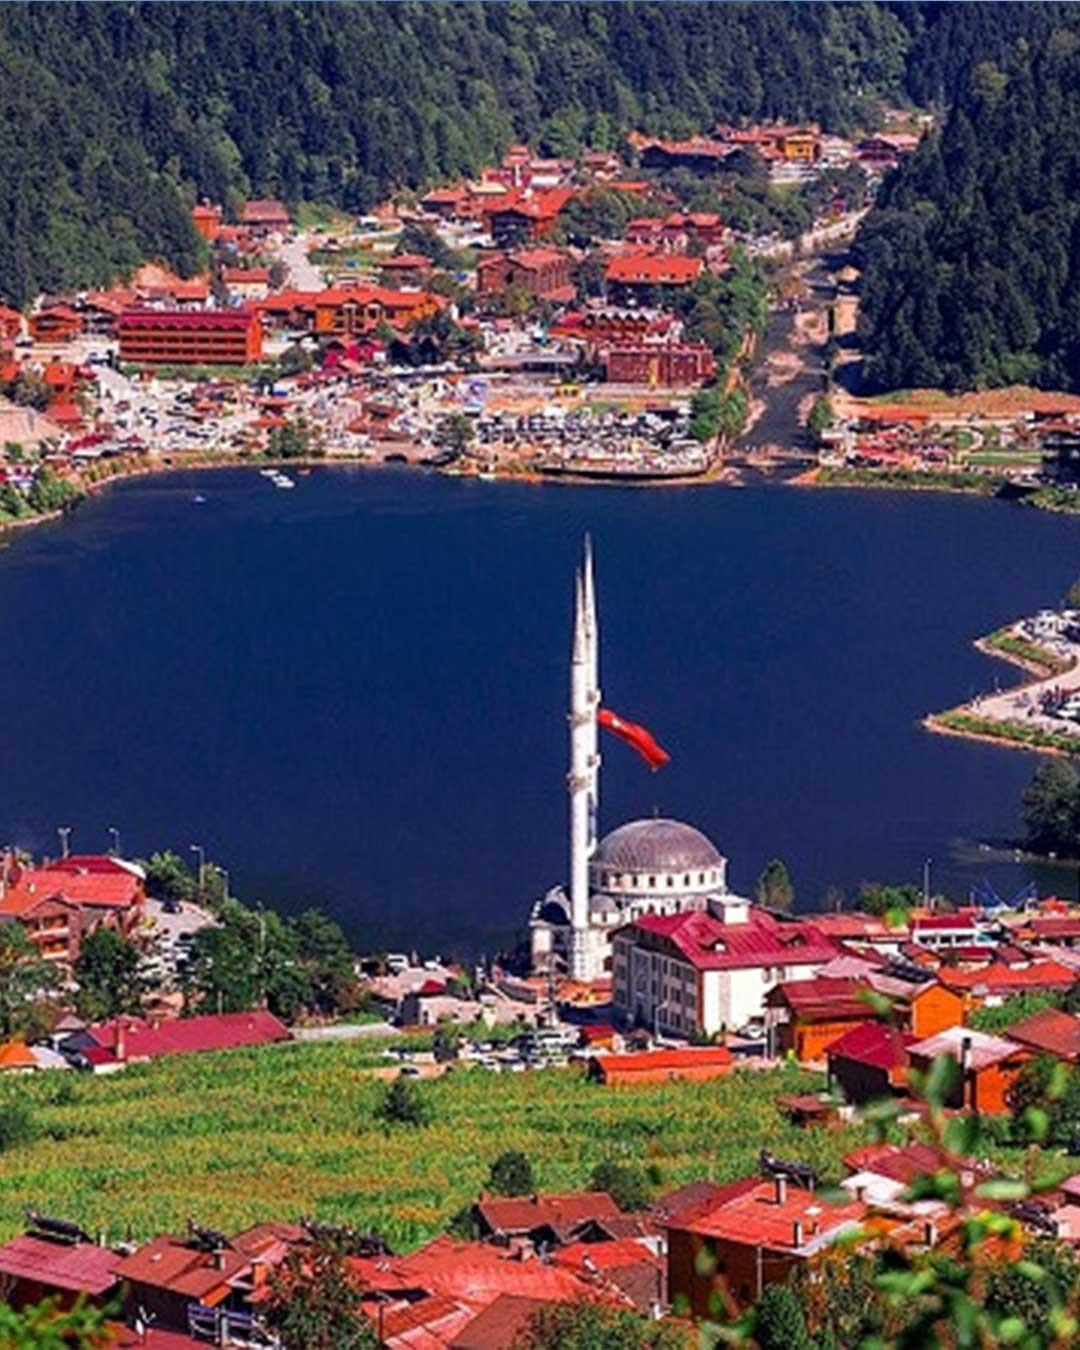 Trabzon Uzungol 5 days 4 nights